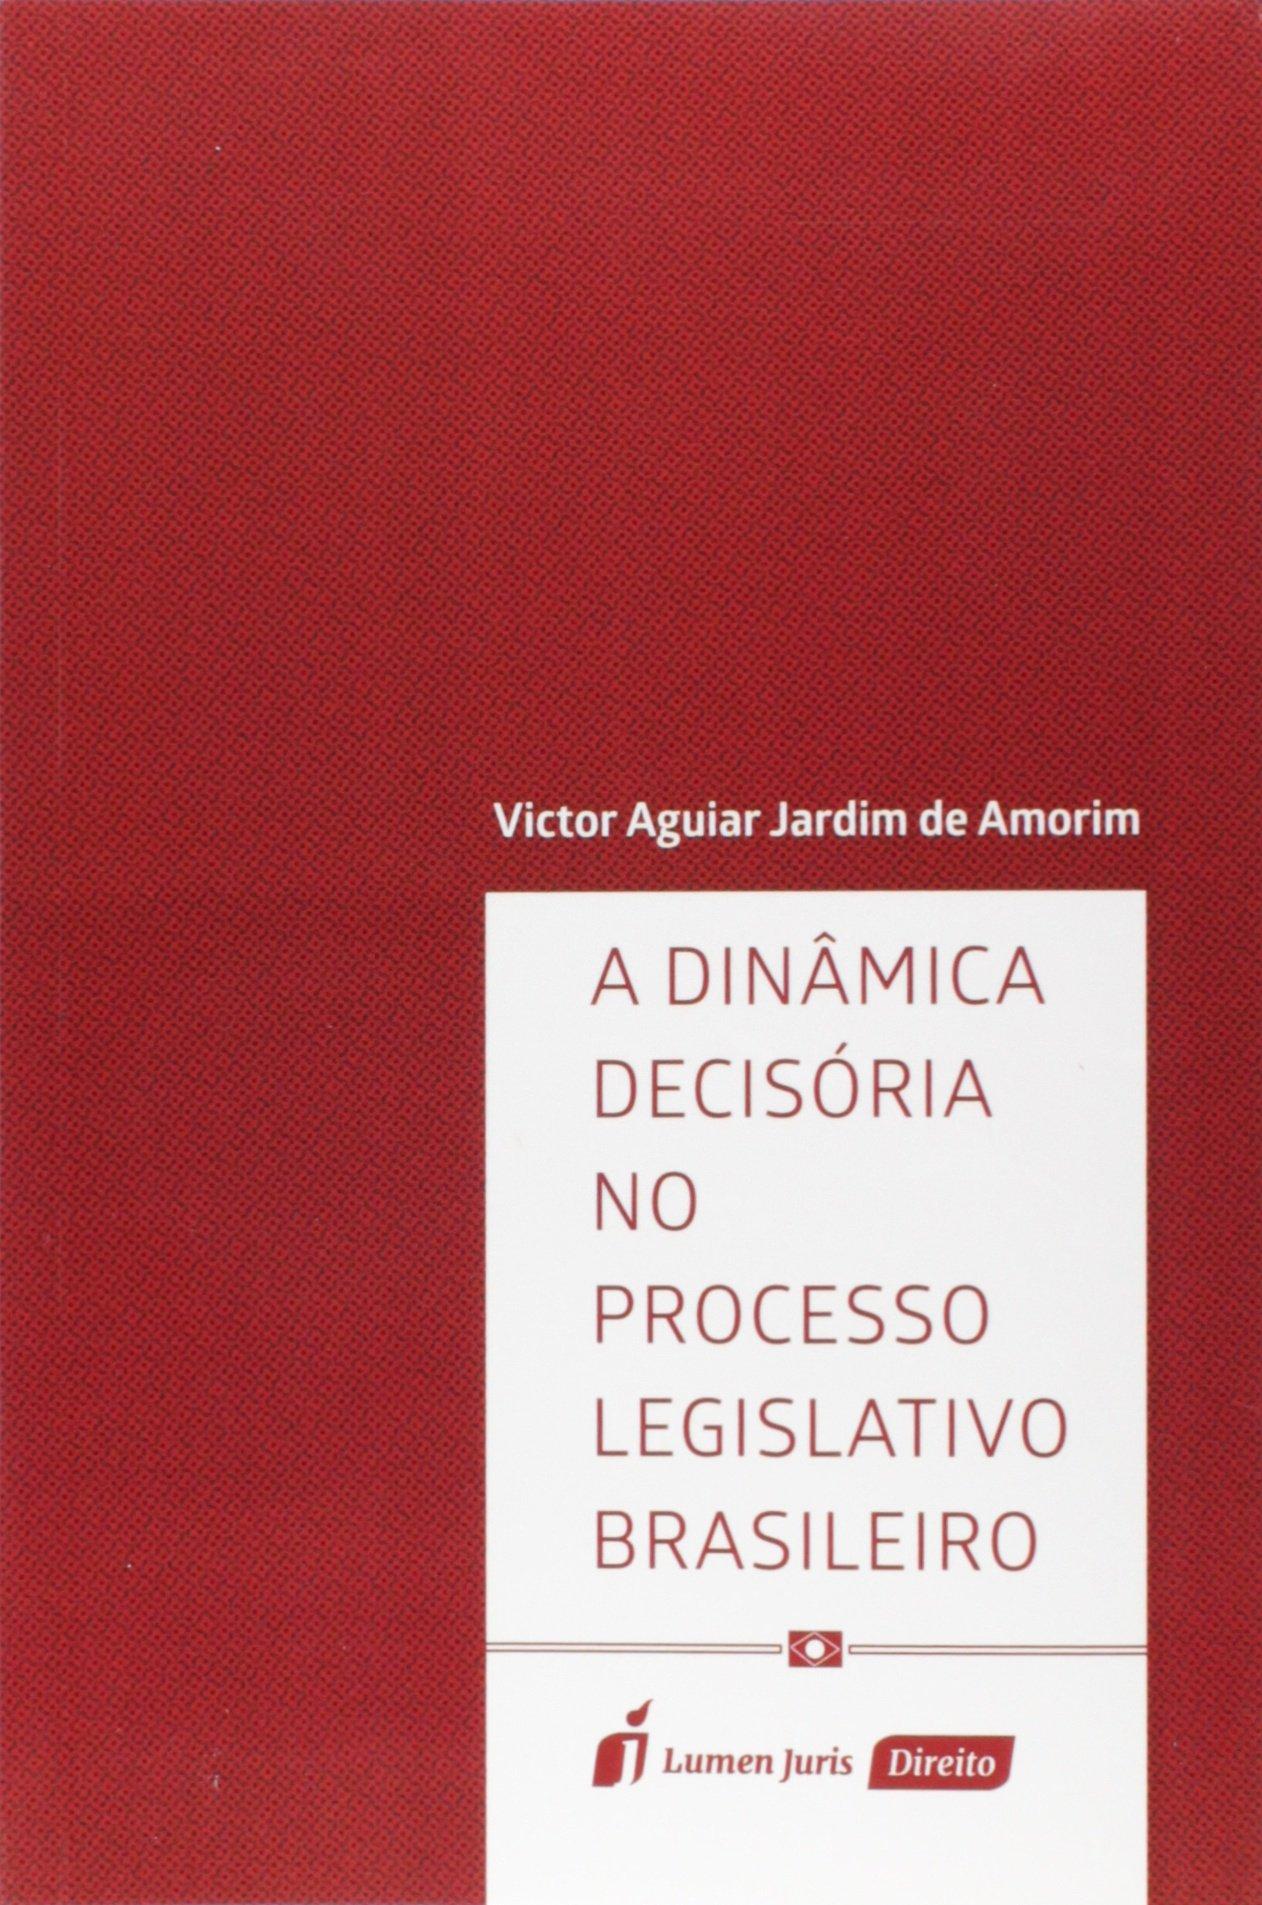 A Dinâmica Decisória no Processo Legislativo Brasileiro. 2018 pdf